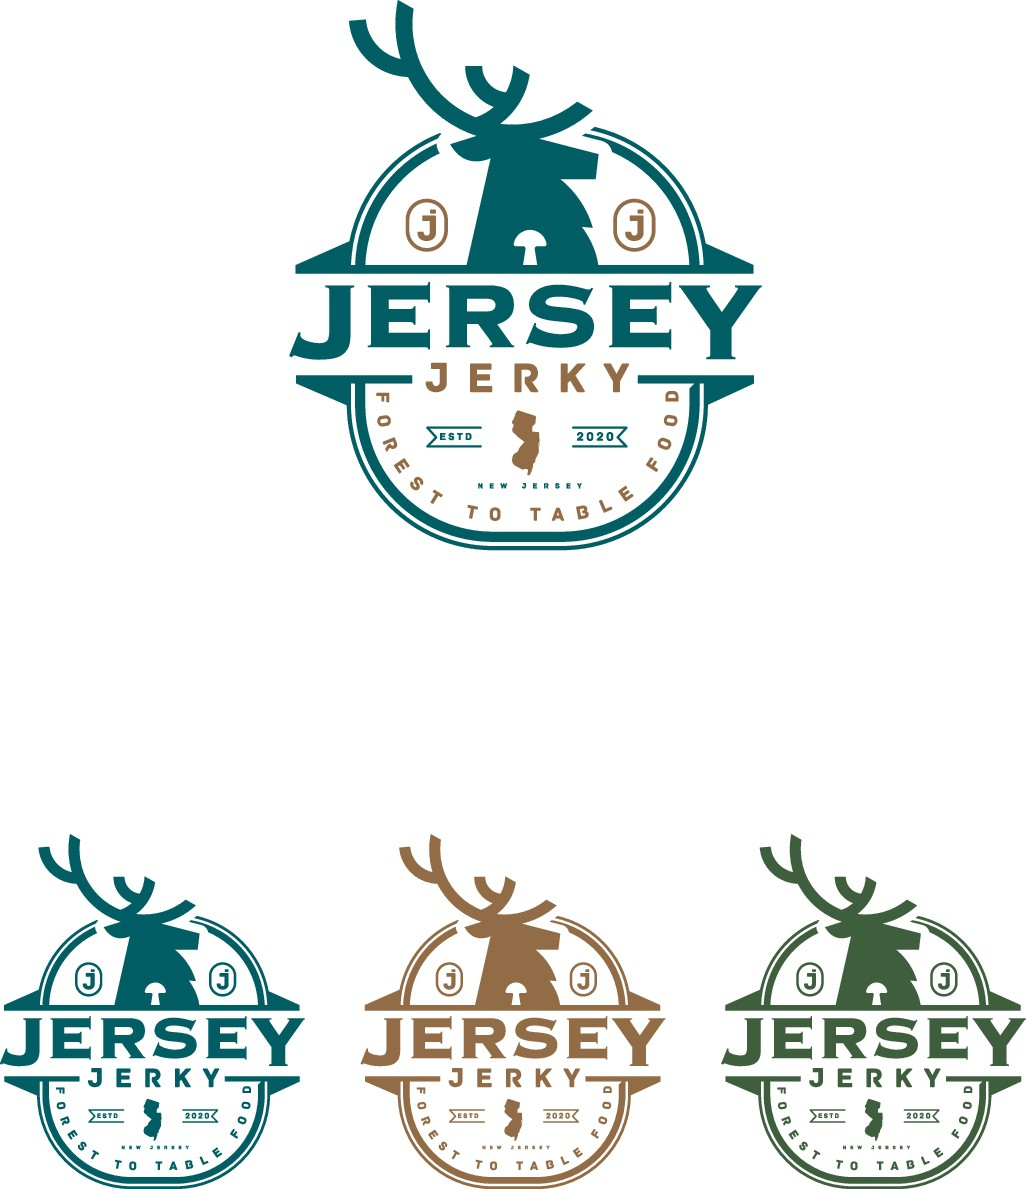 Jerky logo (Venison/Mushroom/Banana)